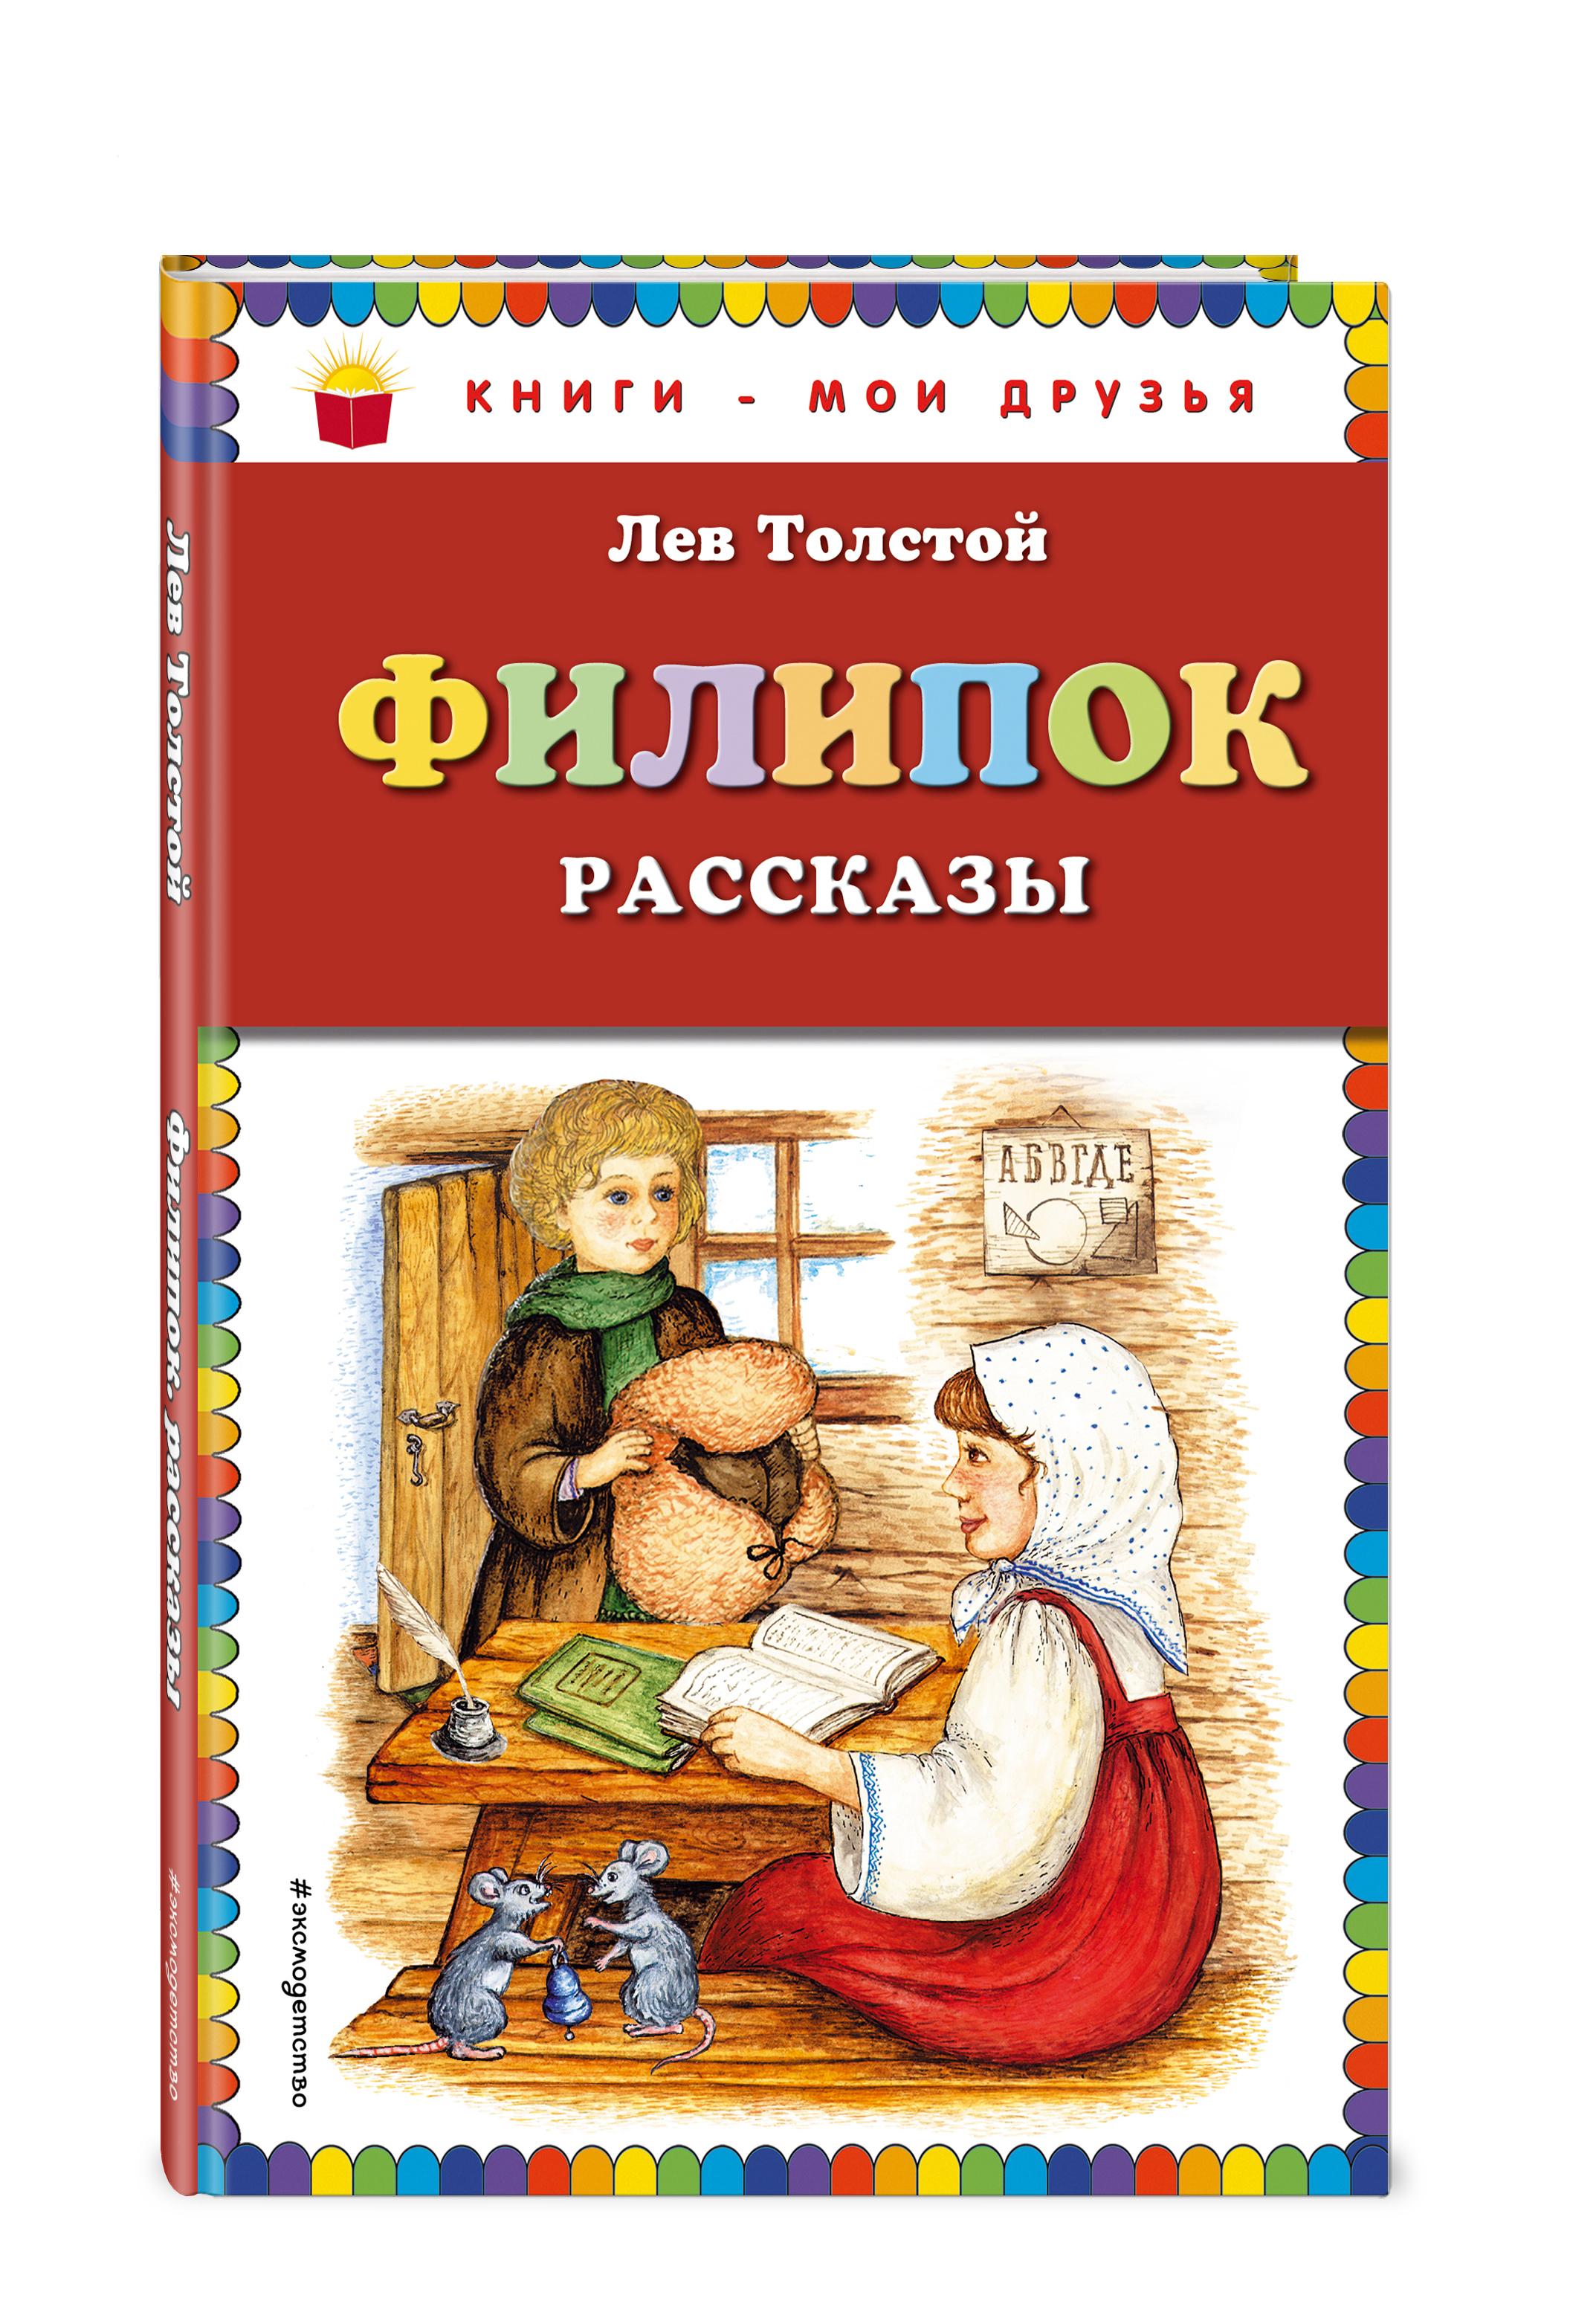 Лев Толстой Филипок: рассказы лев толстой филипок